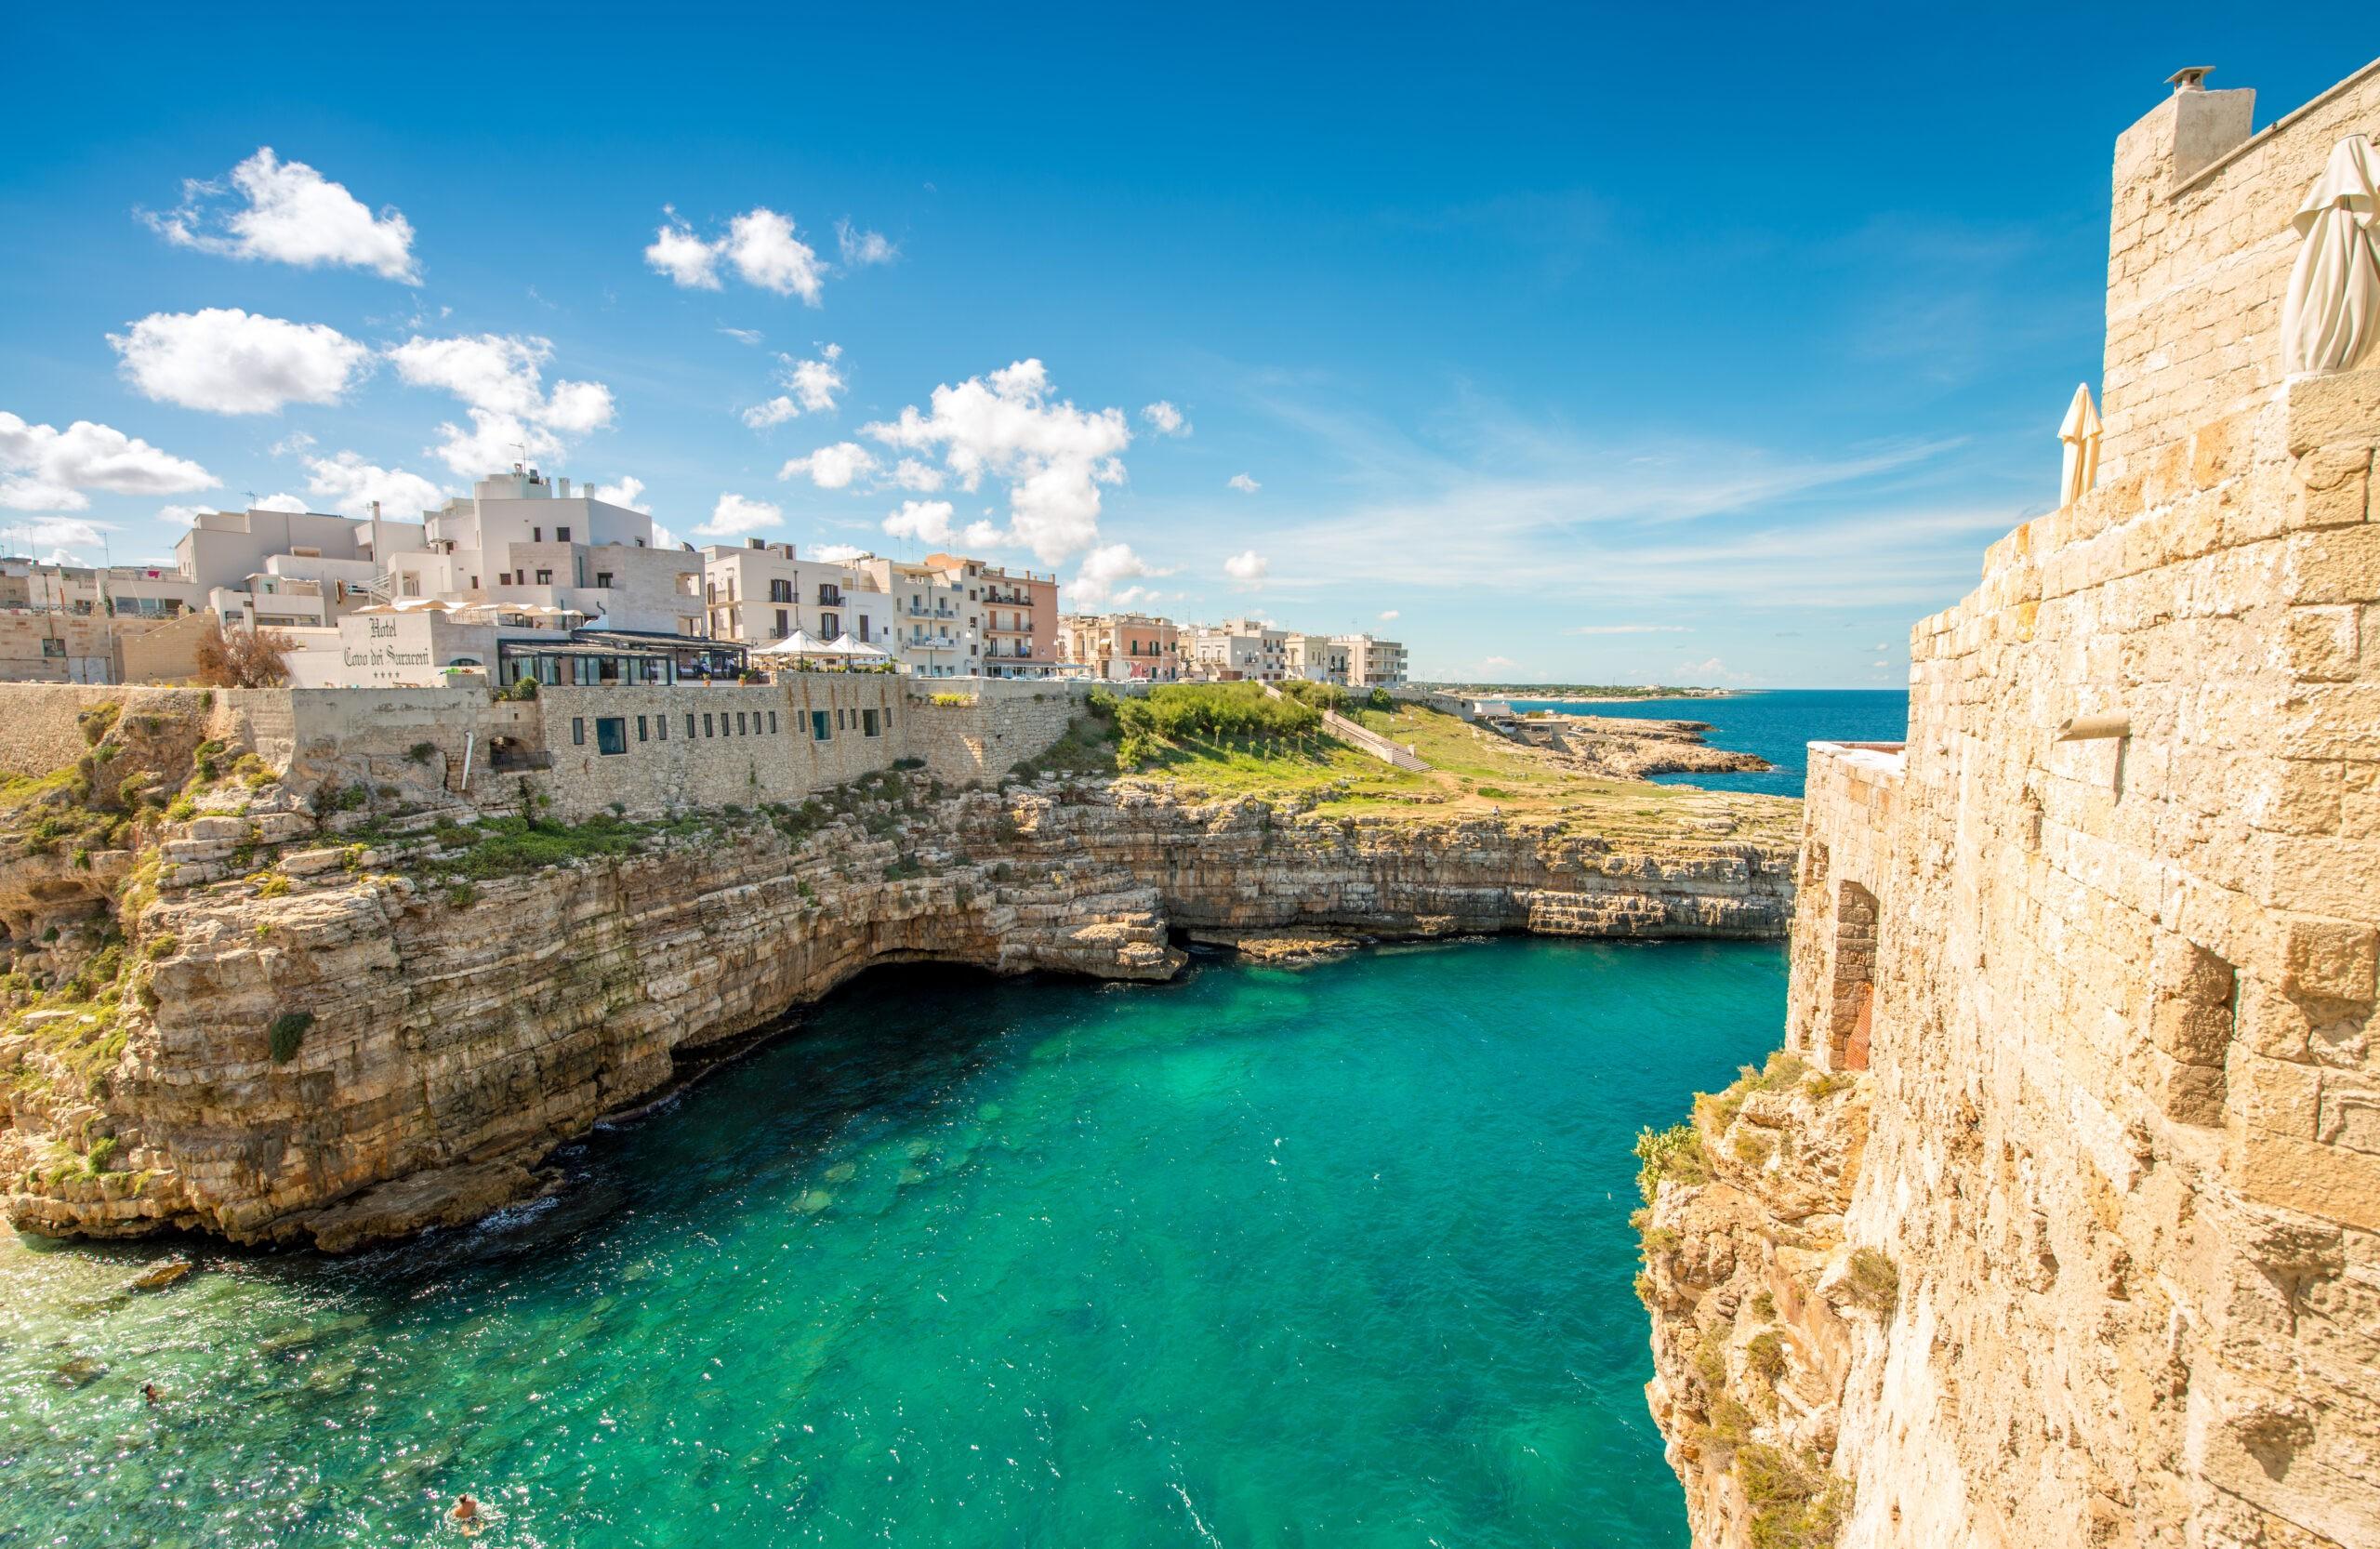 Wspaniała urokliwa miejscowość Polignano a Mare - Apulia, Włochy.